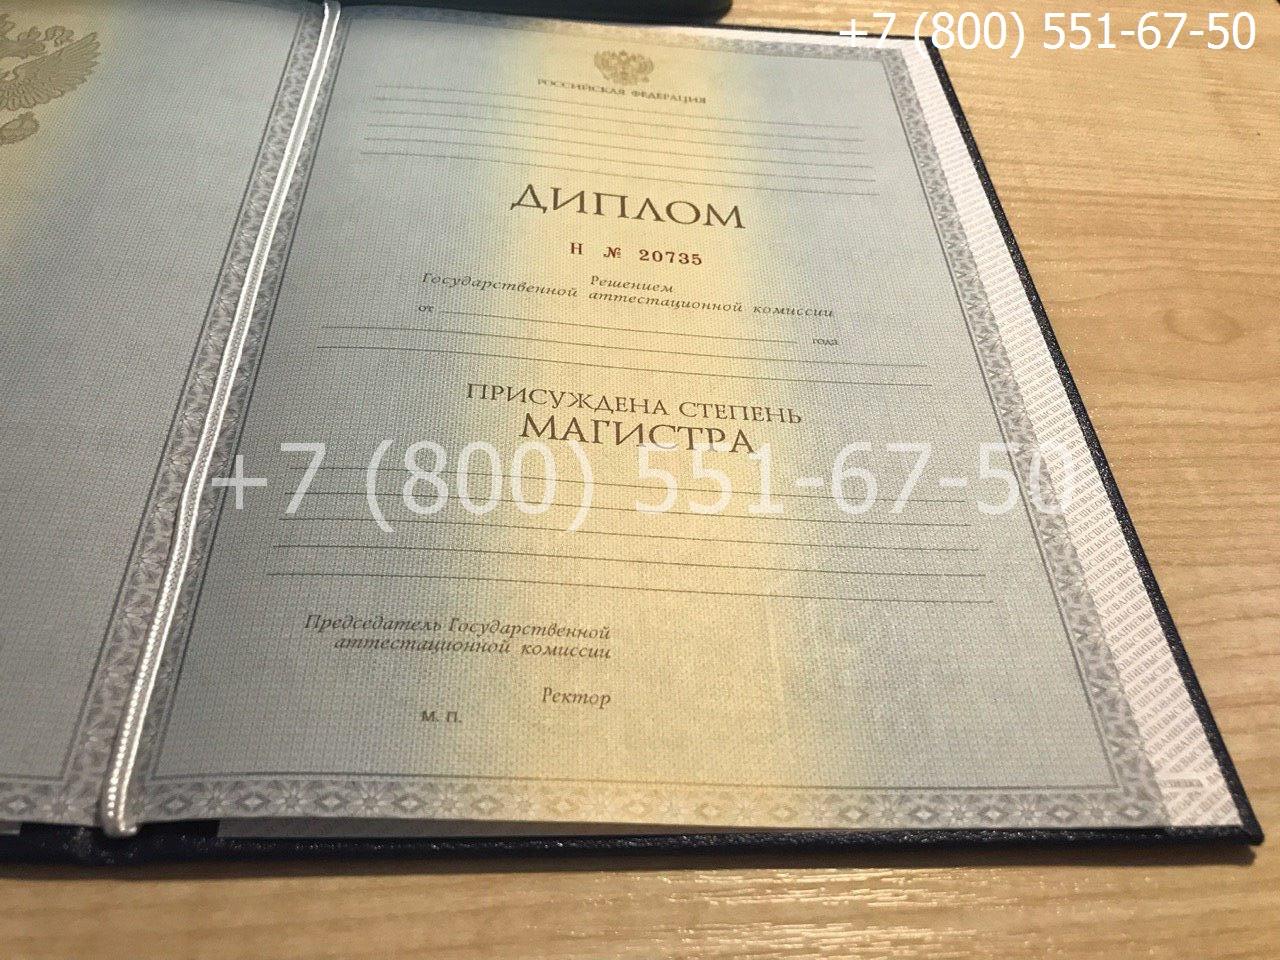 Диплом магистра 2011-2013 годов, старого образца, титульный лист-2